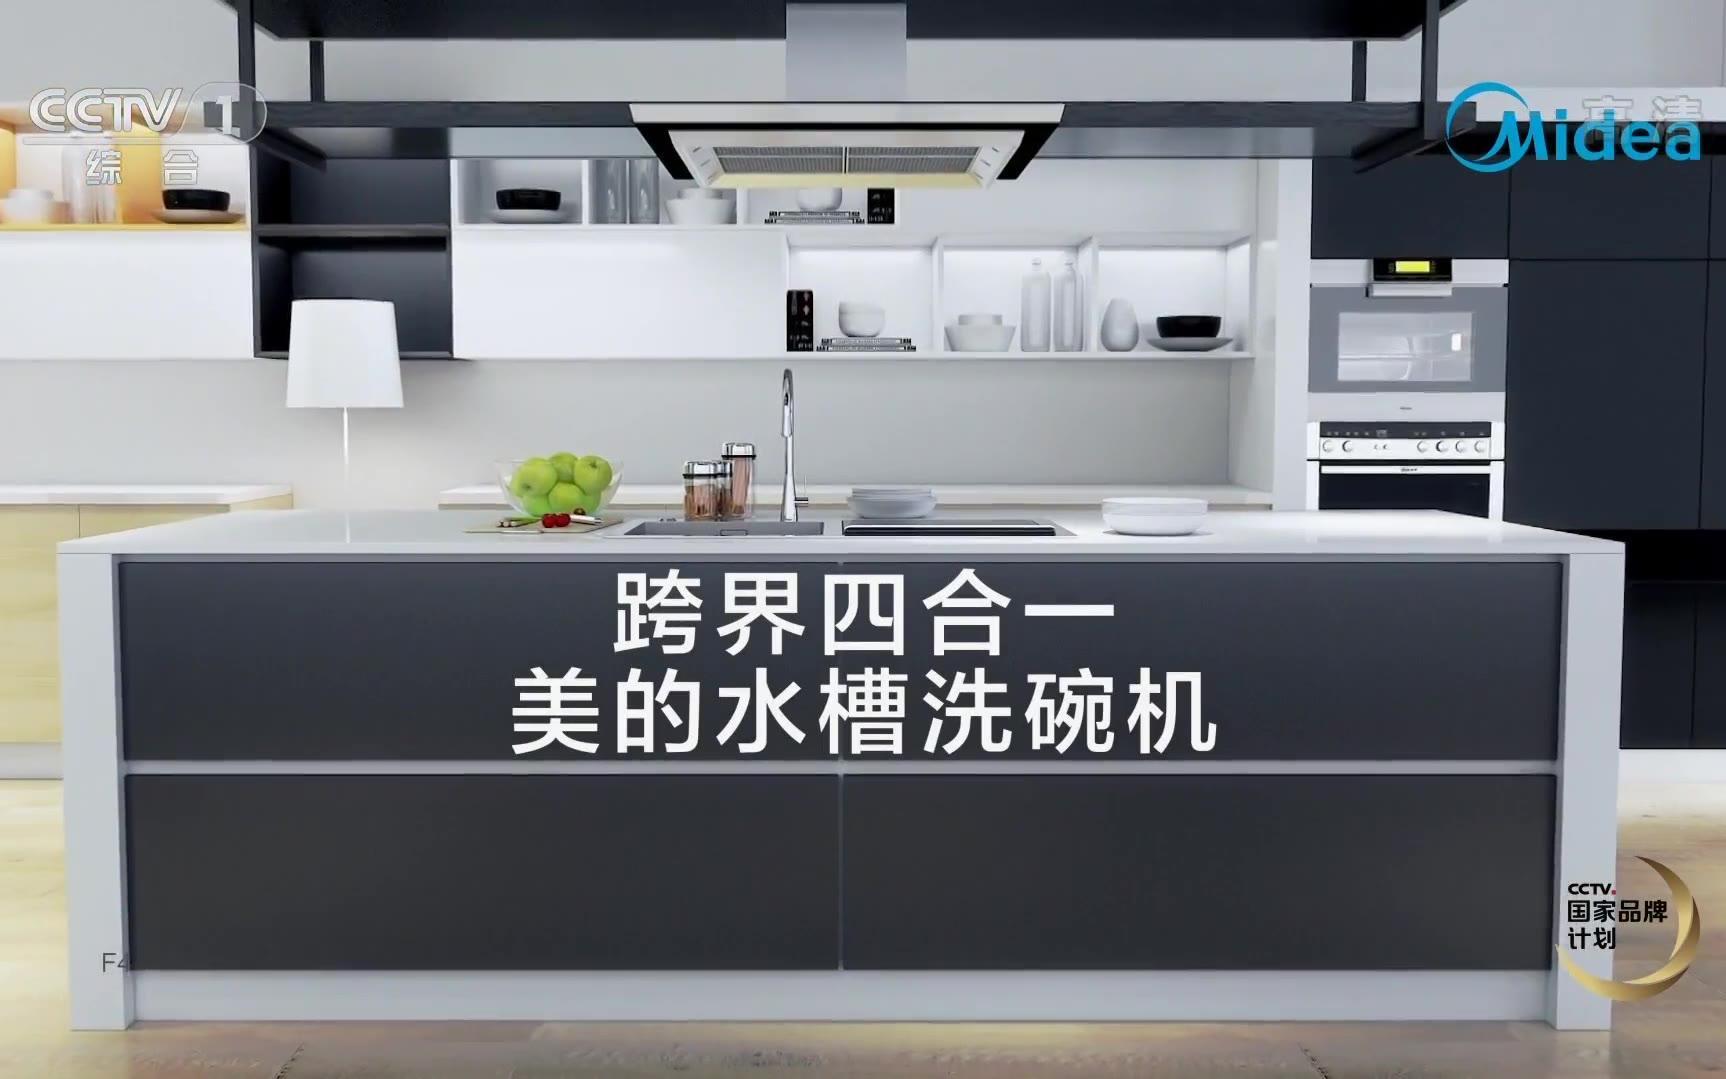 央视广告欣赏-美的水槽洗碗机